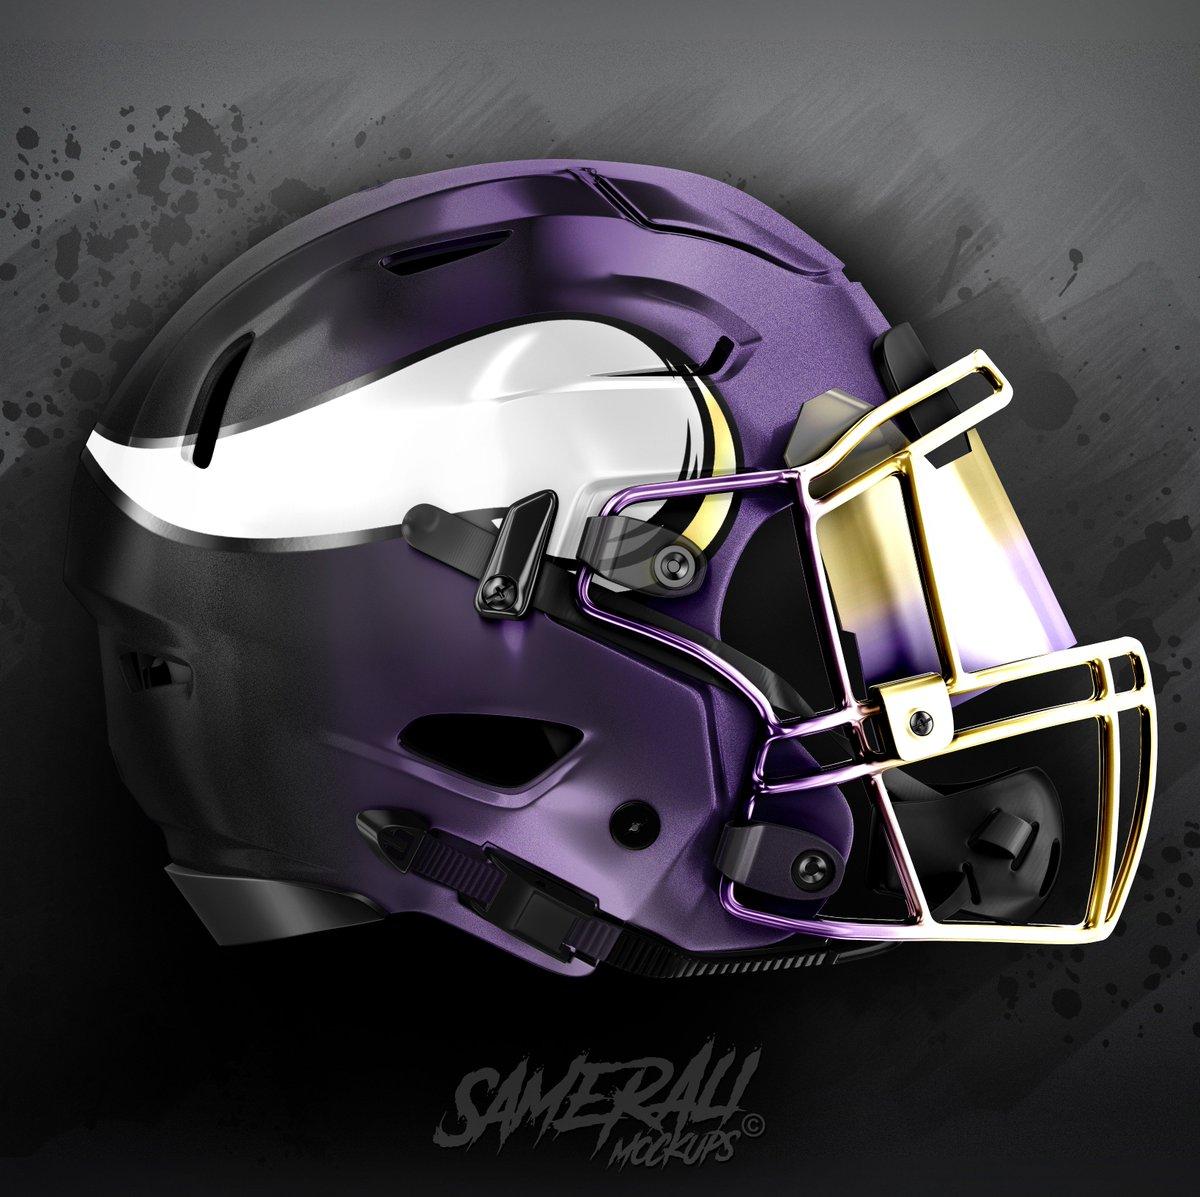 Designconcept Bleacherreport Footballhelmets Minnesota MinnesotaVikings Vikings SKOL SkolVikes NFL Pictwitter IJ3F5vNgye